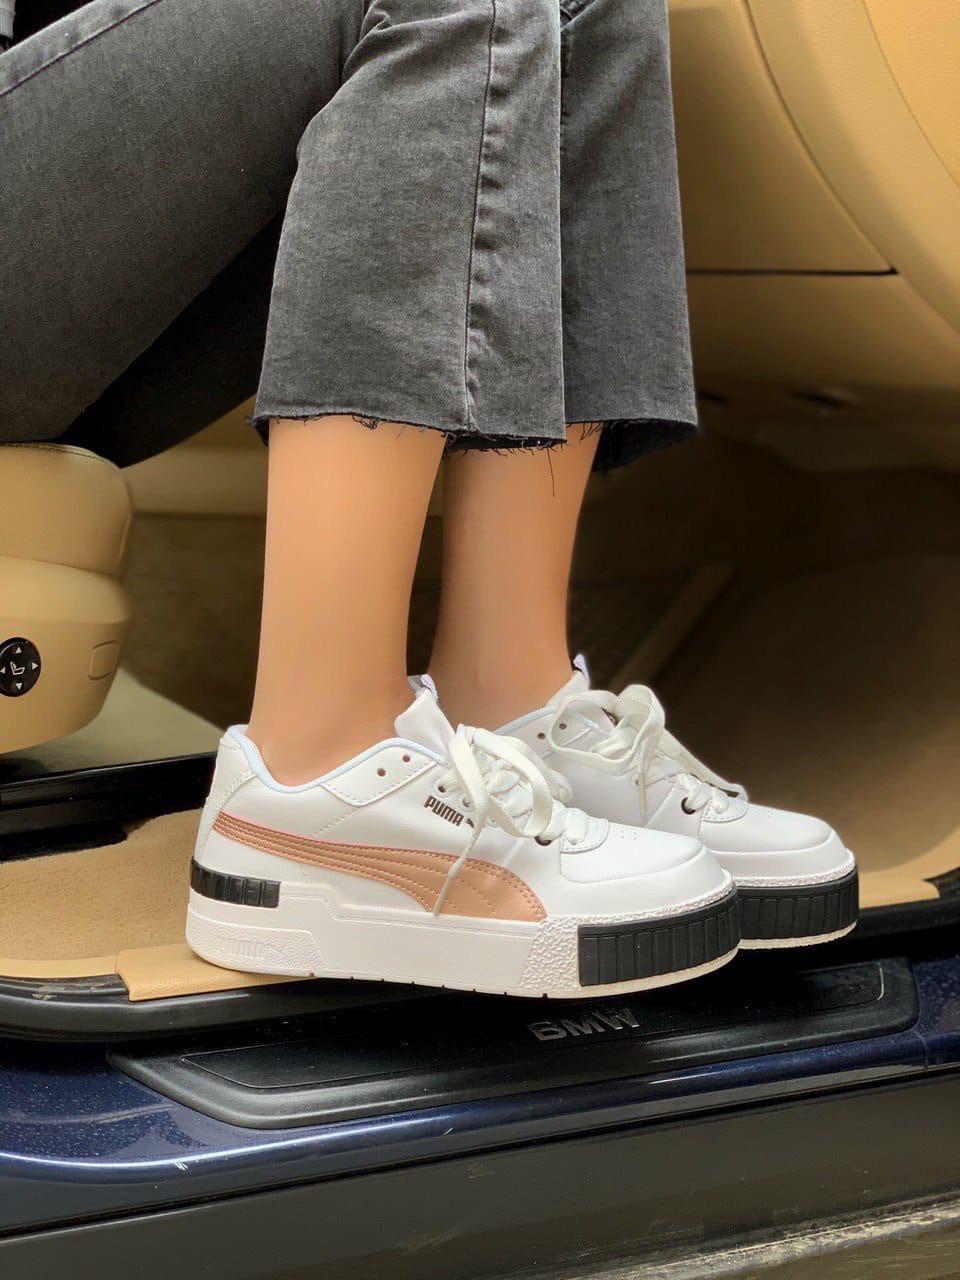 Жіночі кросівки Puma Cali white/gold, жіночі кросівки Пума Калі (Репліка ААА)